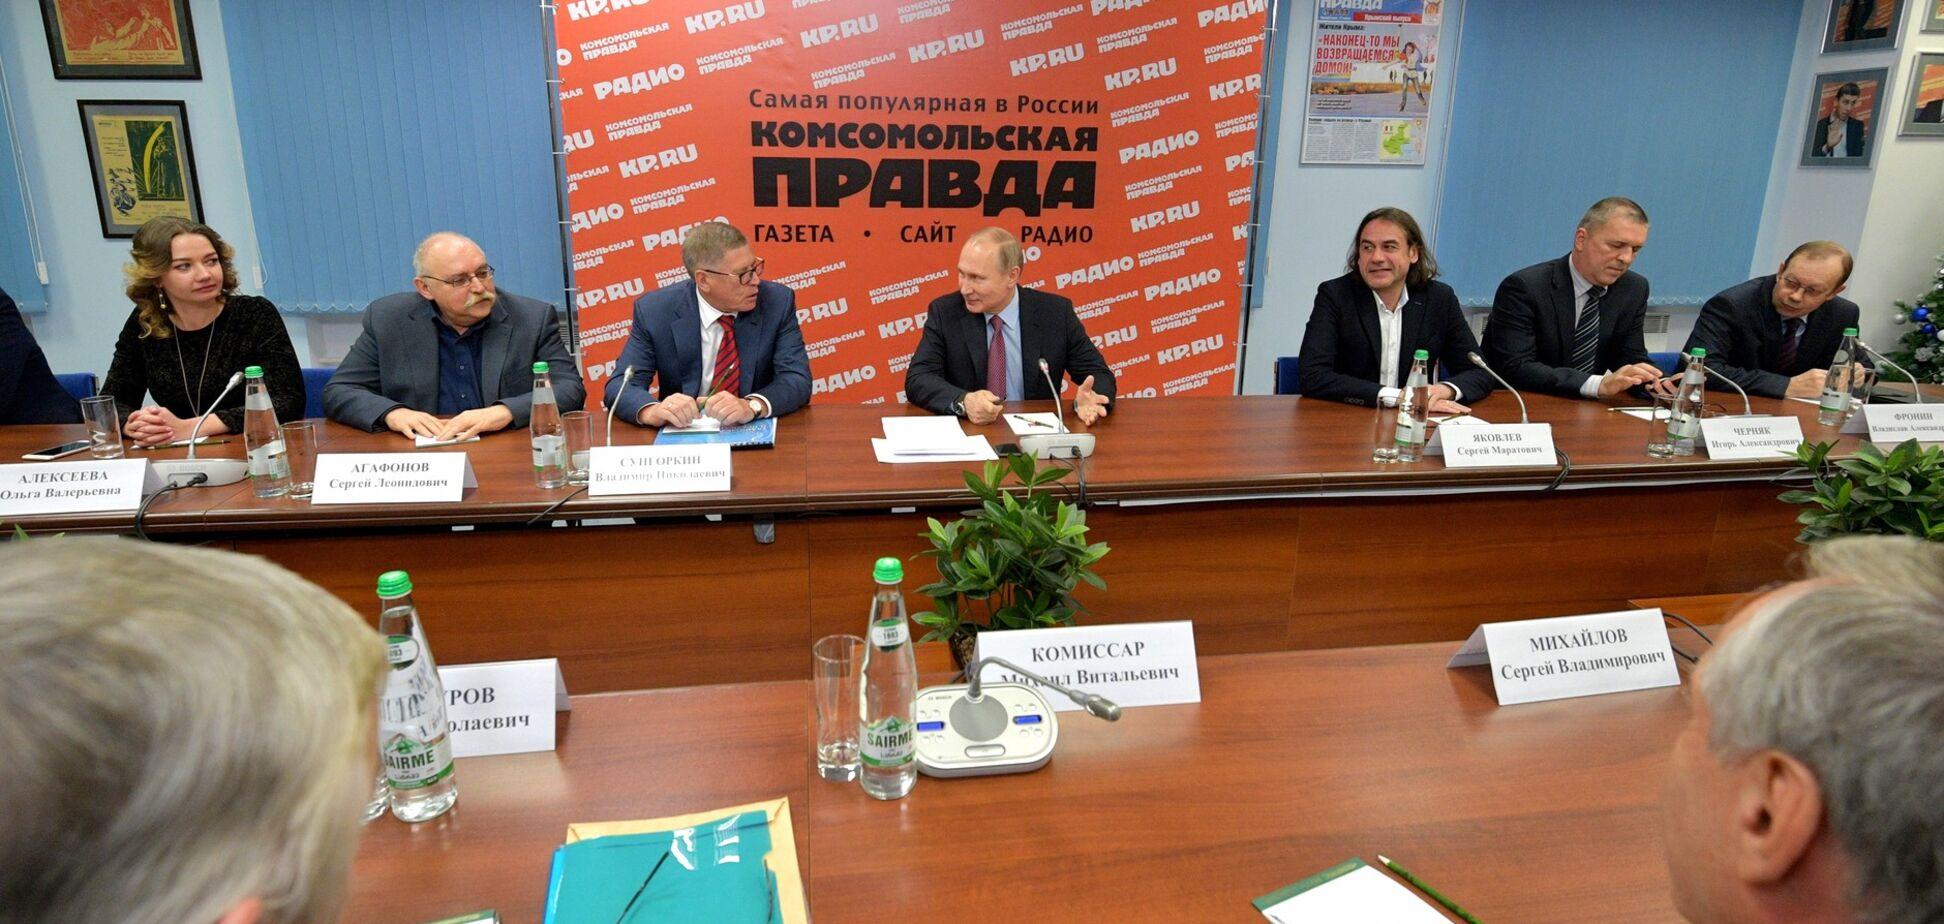 'Мир с Украиной и США': журналист объяснил предложение Путина Украине по Крыму